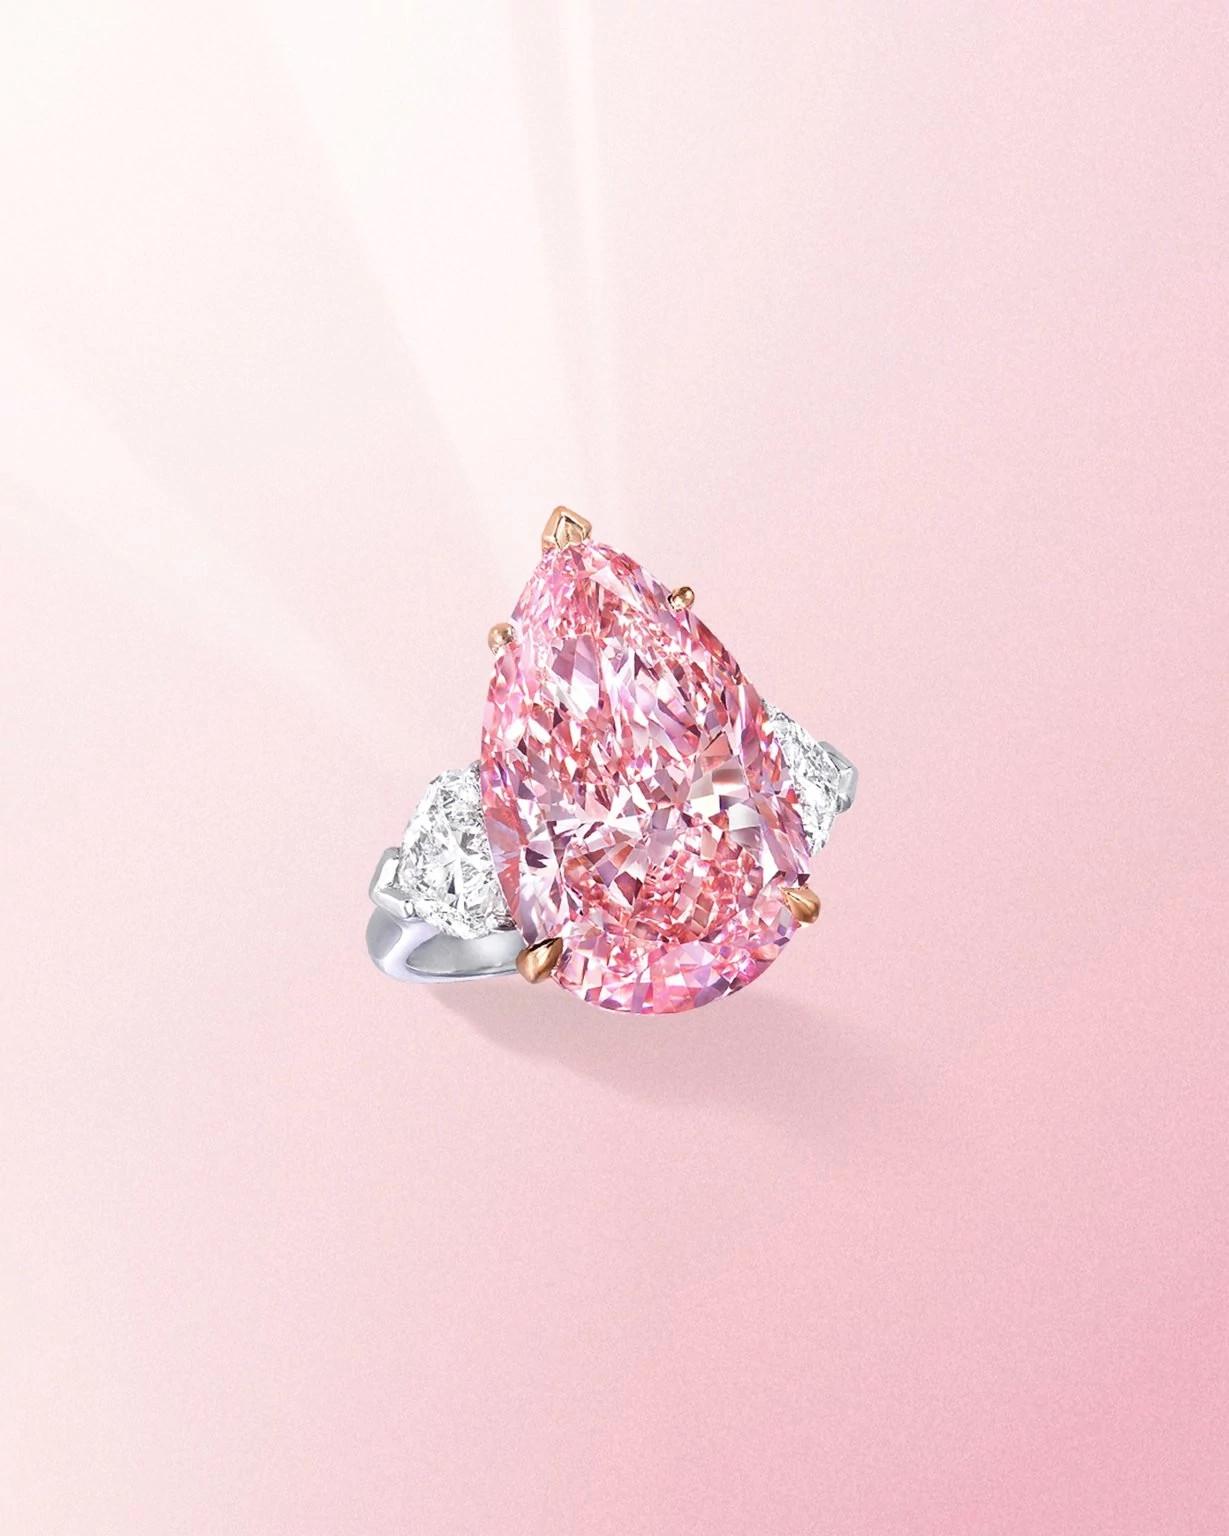 艳彩鲜粉色梨形钻戒